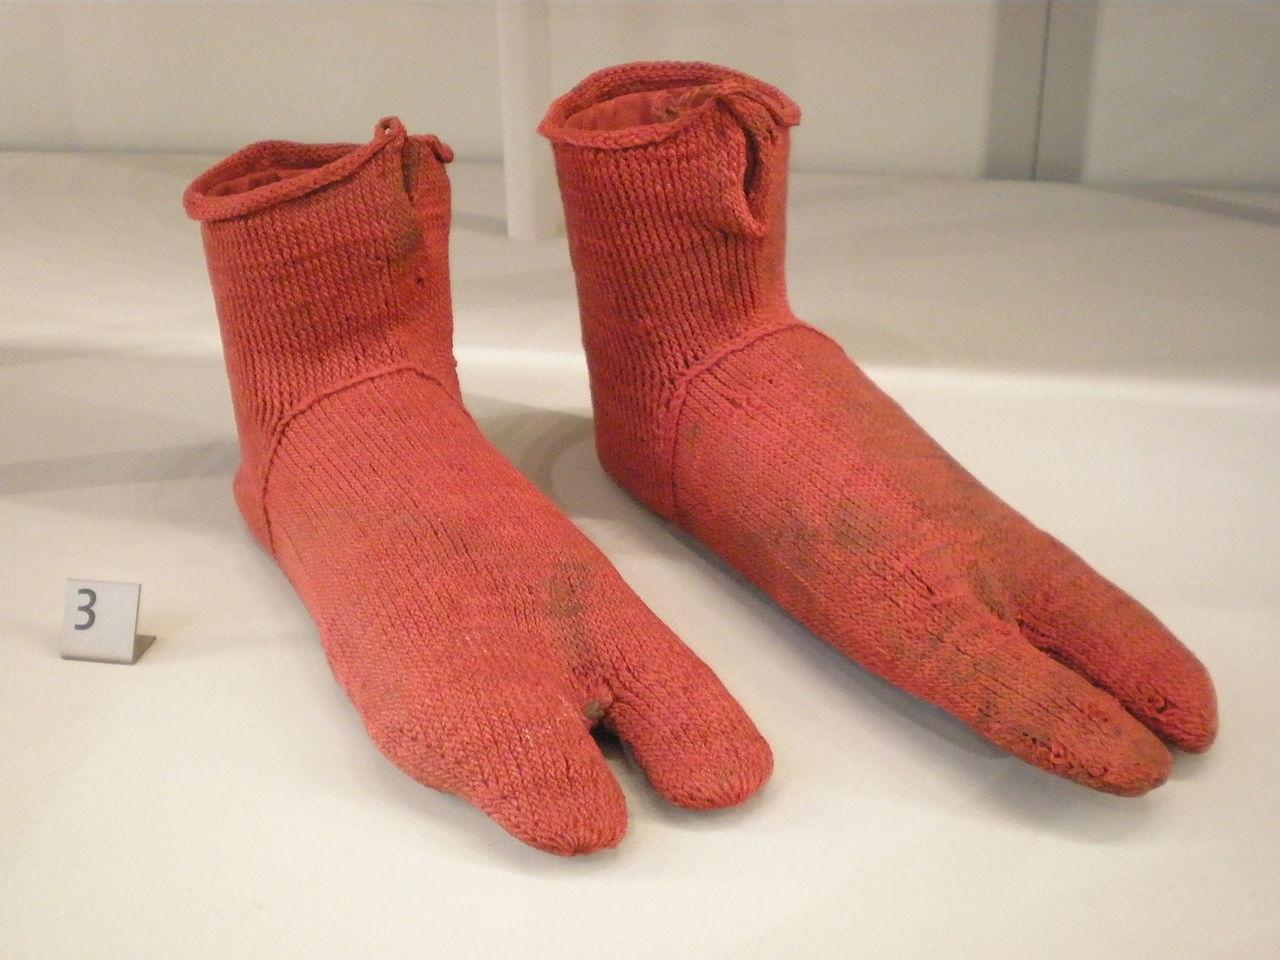 Gestrickte Socken aus Ägypten 3. - 5. Jahrhundert vor Christus